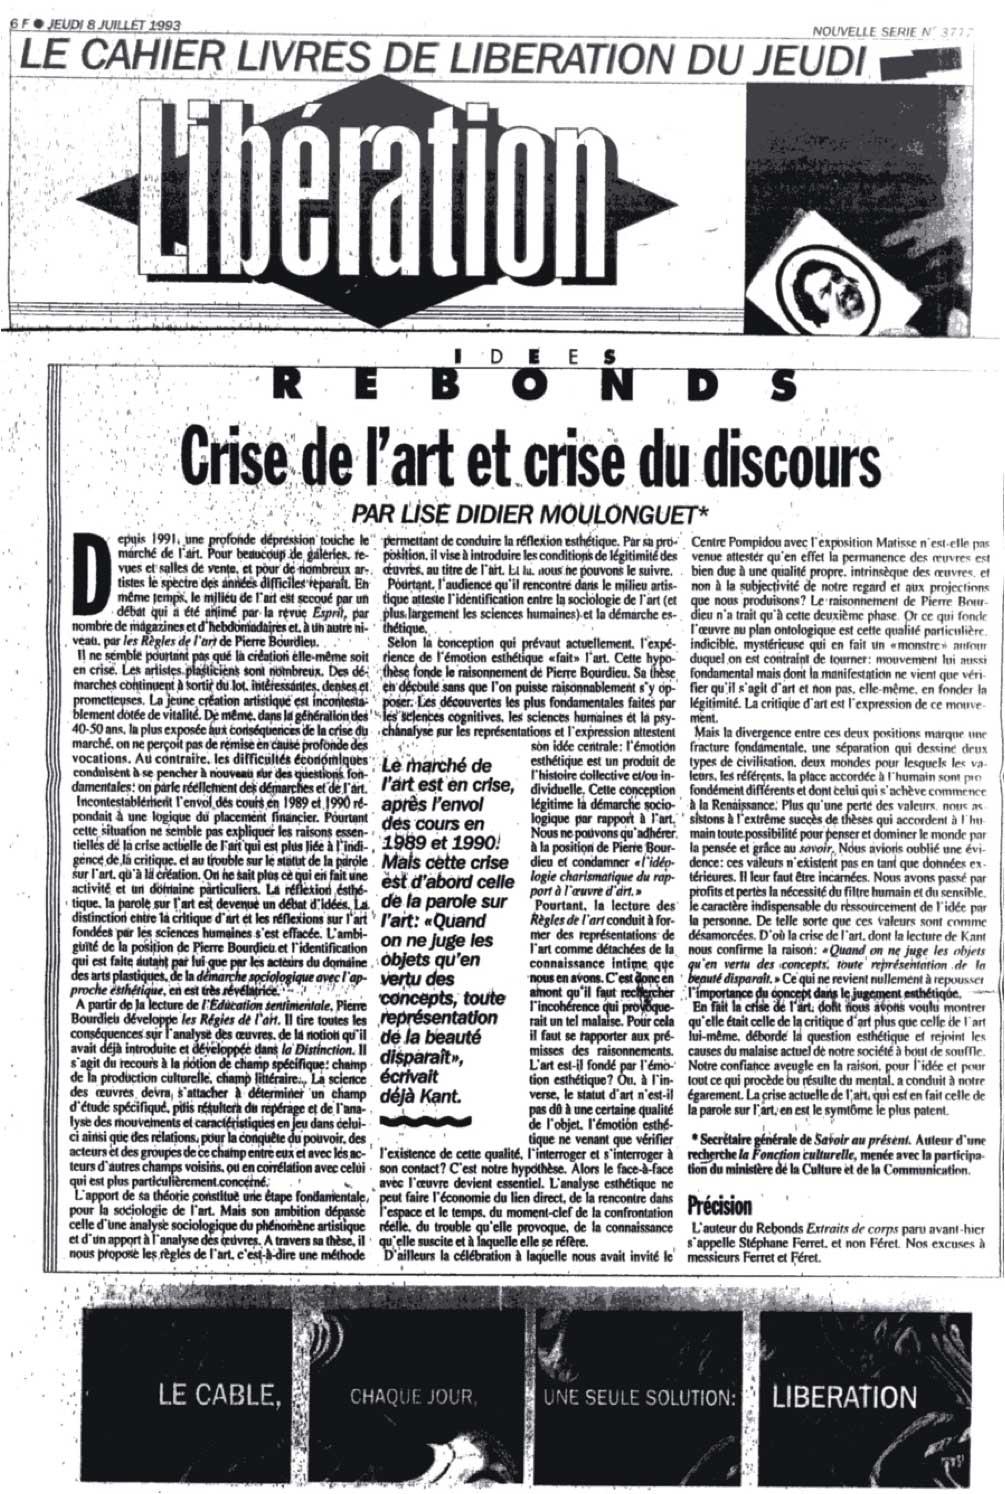 crise-de-lart-lise-didier-moulonguet-liberation-8-juillet-1993